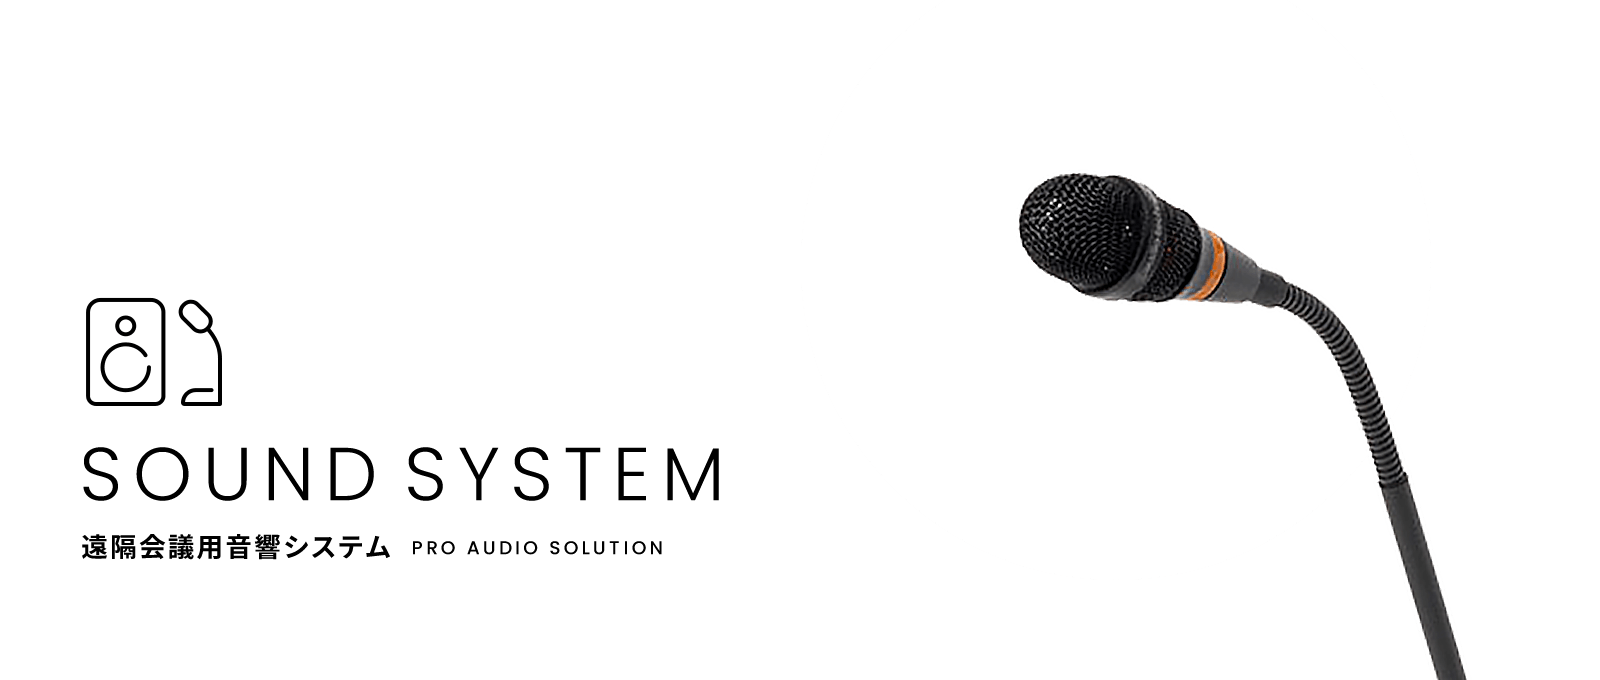 遠隔会議用音響システム SOUND SYSTEM - PRO AUDIO SOLUTION